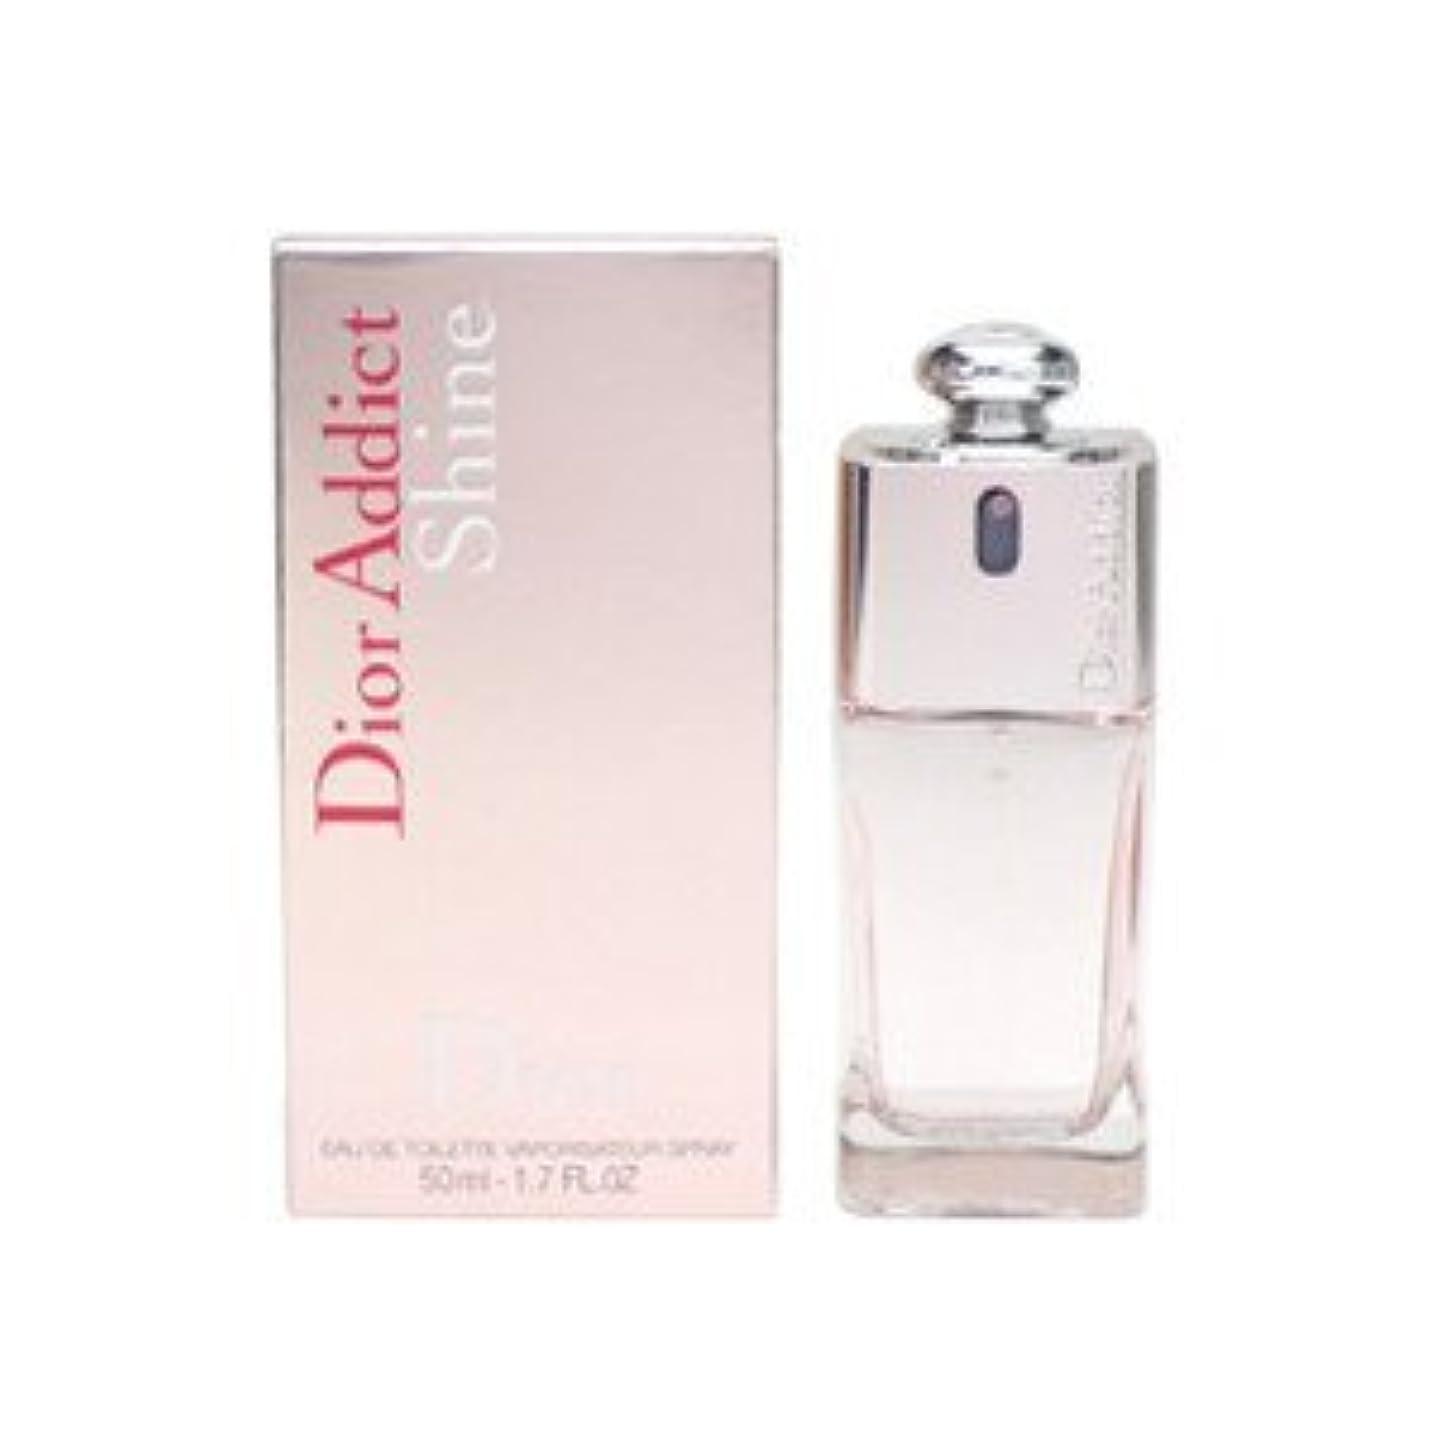 シビック援助クッションクリスチャン ディオール(Christian Dior) アディクトシャイン 50ml[並行輸入品]